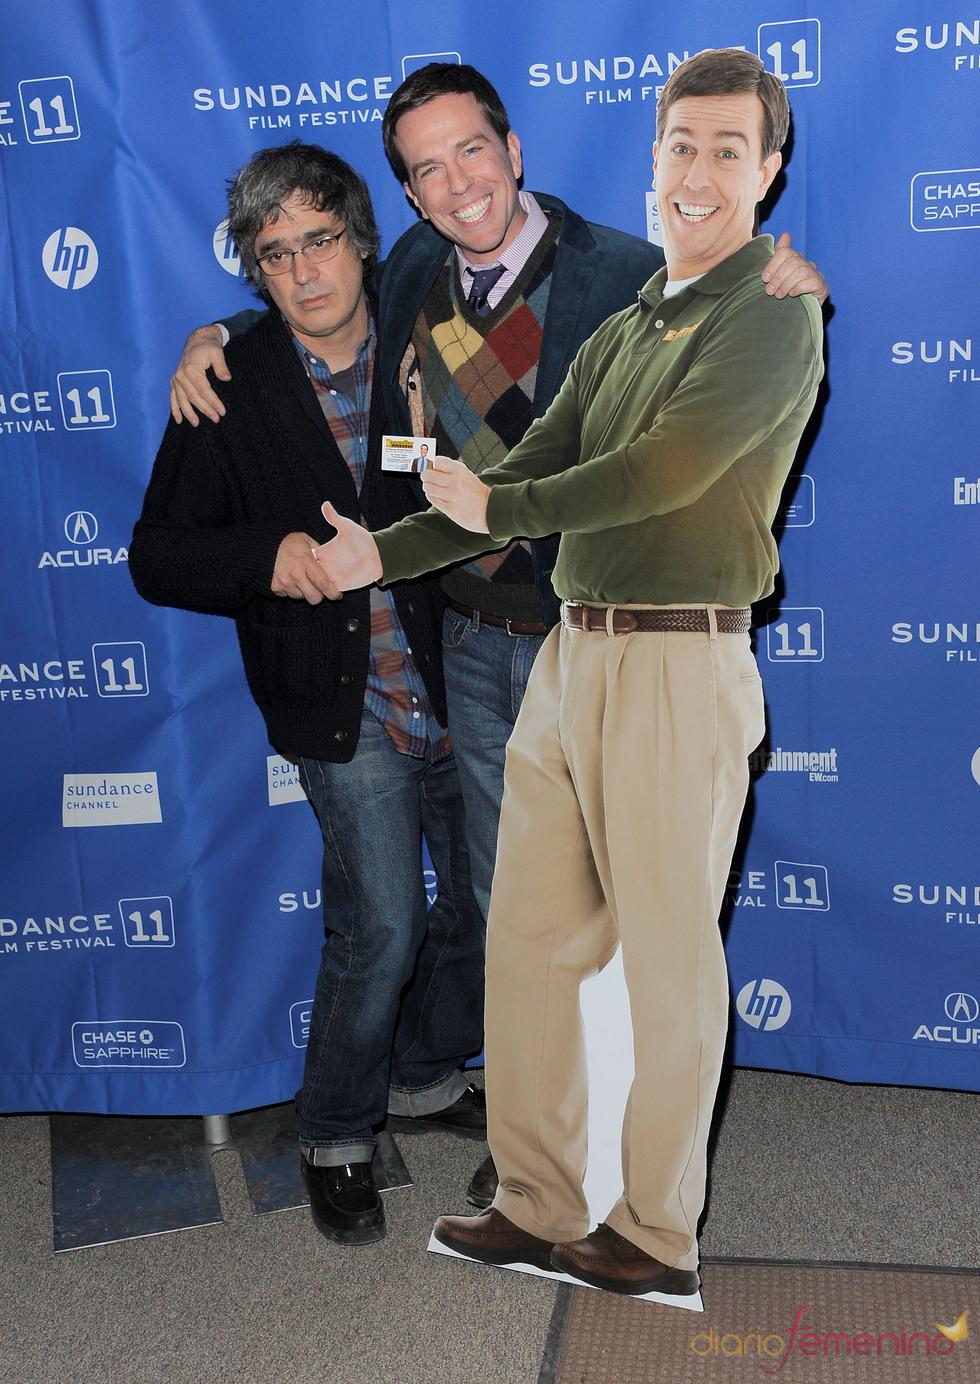 Miguel Arteta y Ed Helms en el Festival de Cine Sundance 2011